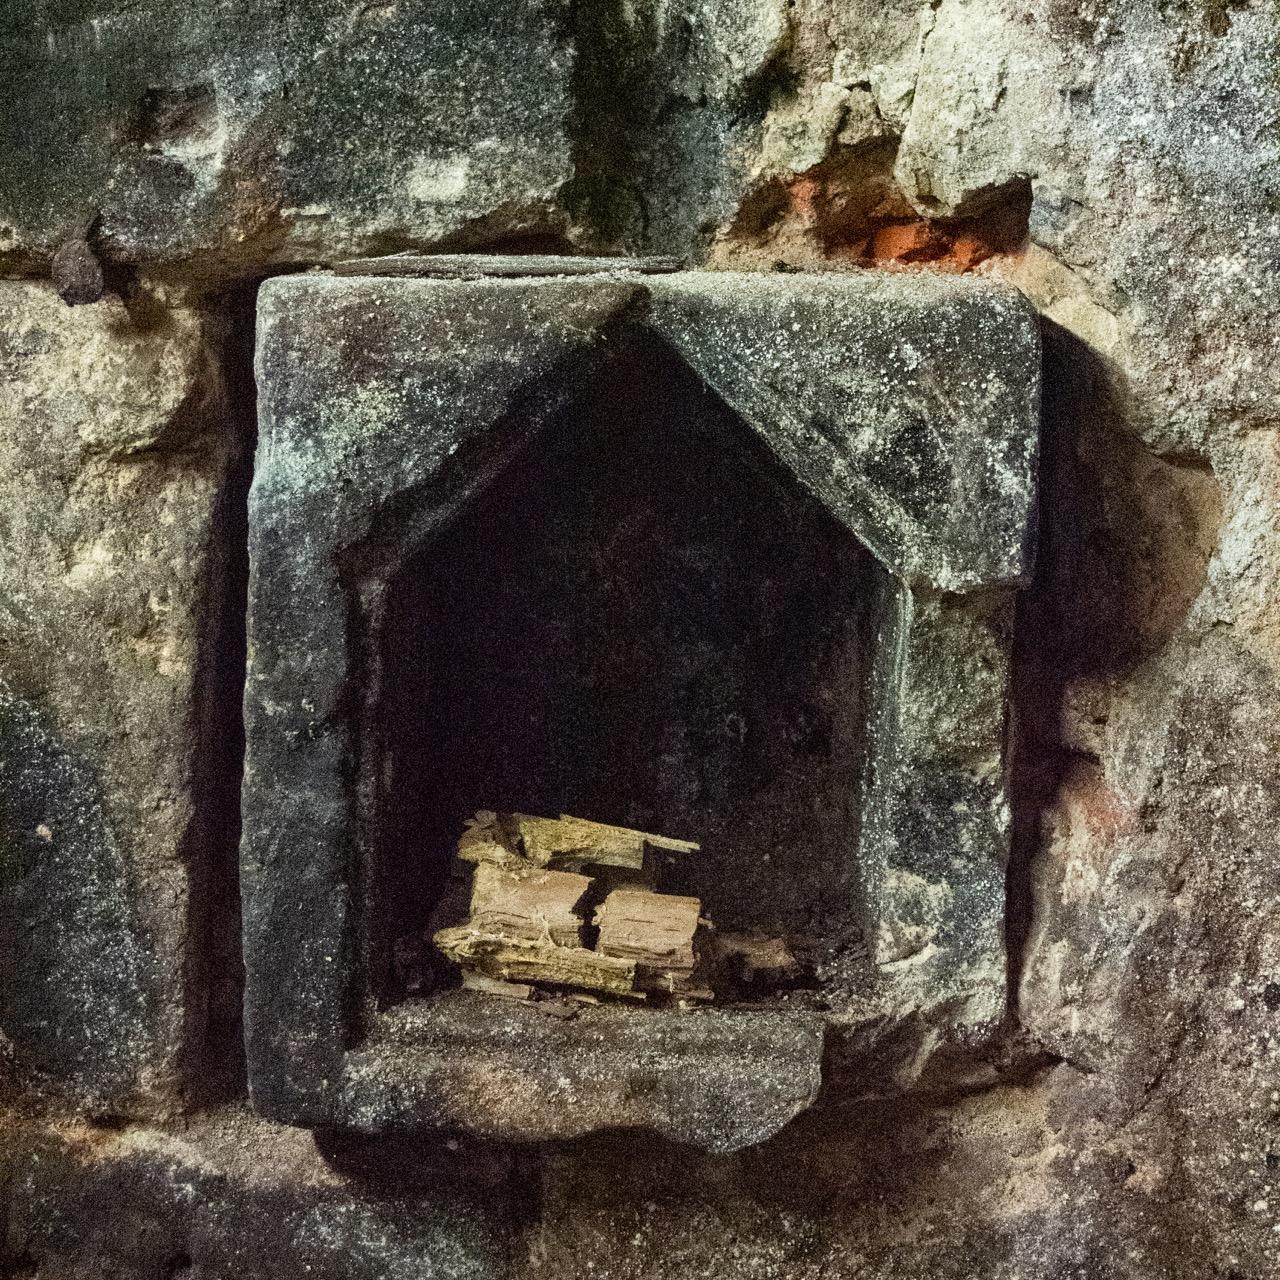 Mittelalterlicher Weinkeller (13. Jh.), Nische für Kerze oder Votivbild